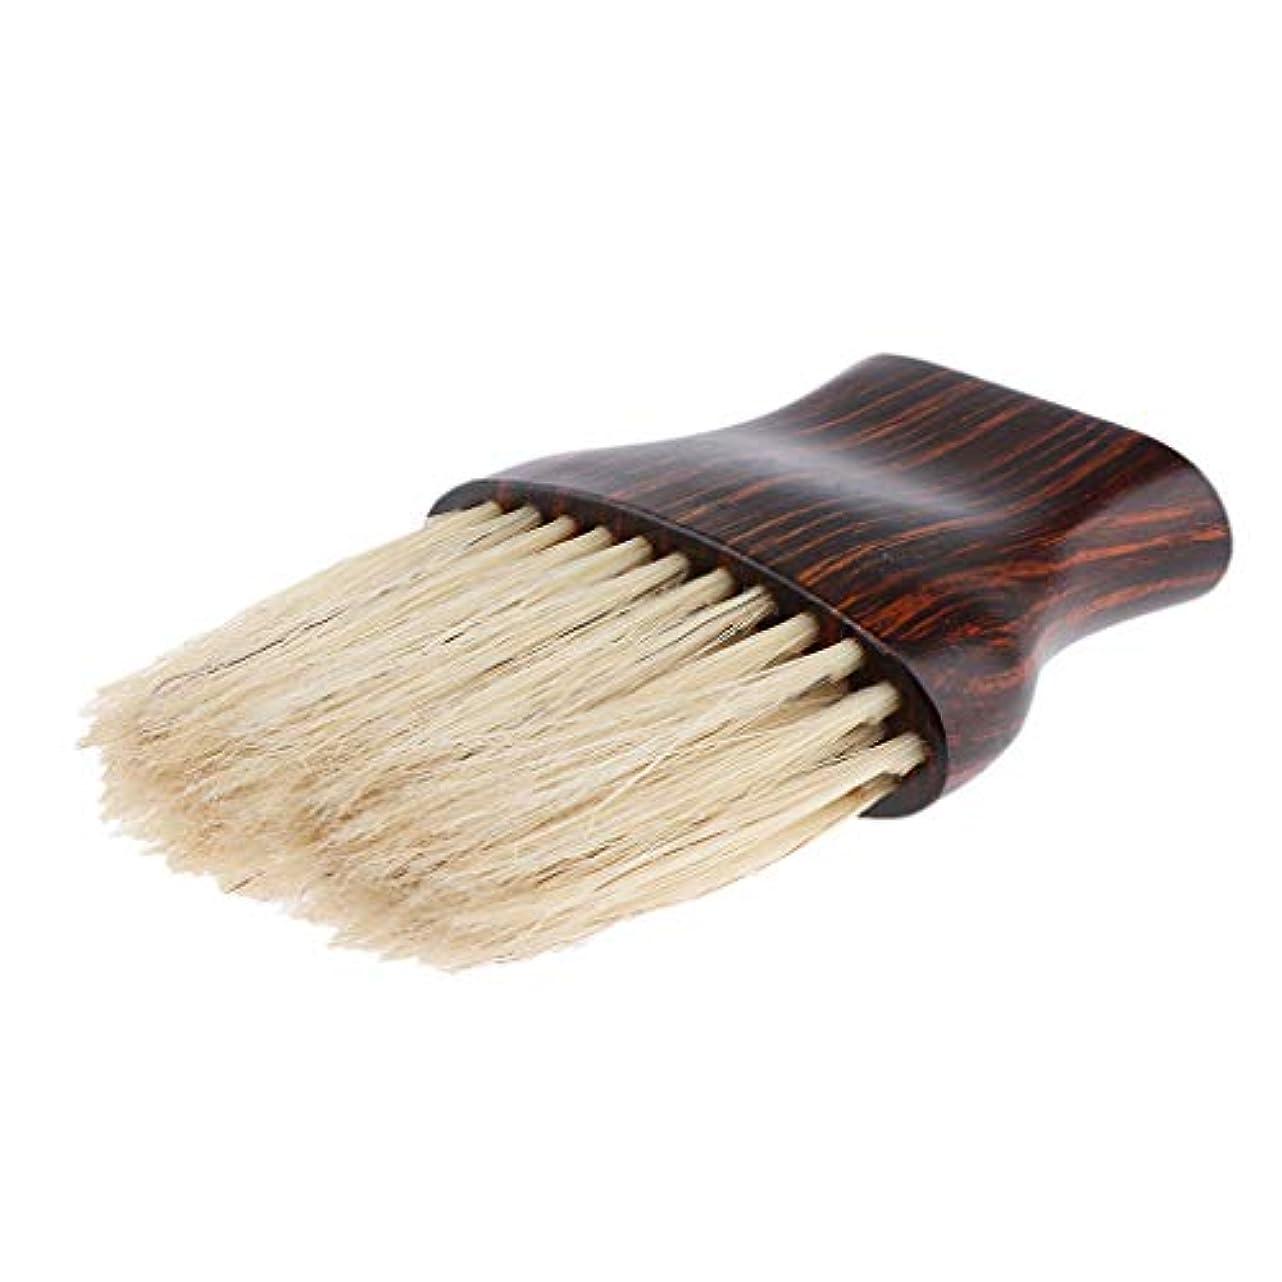 ミスペンドの慈悲で貸し手ヘアカットブラシ ネックダスタークリーニング ヘアブラシ 理髪師理髪ツール